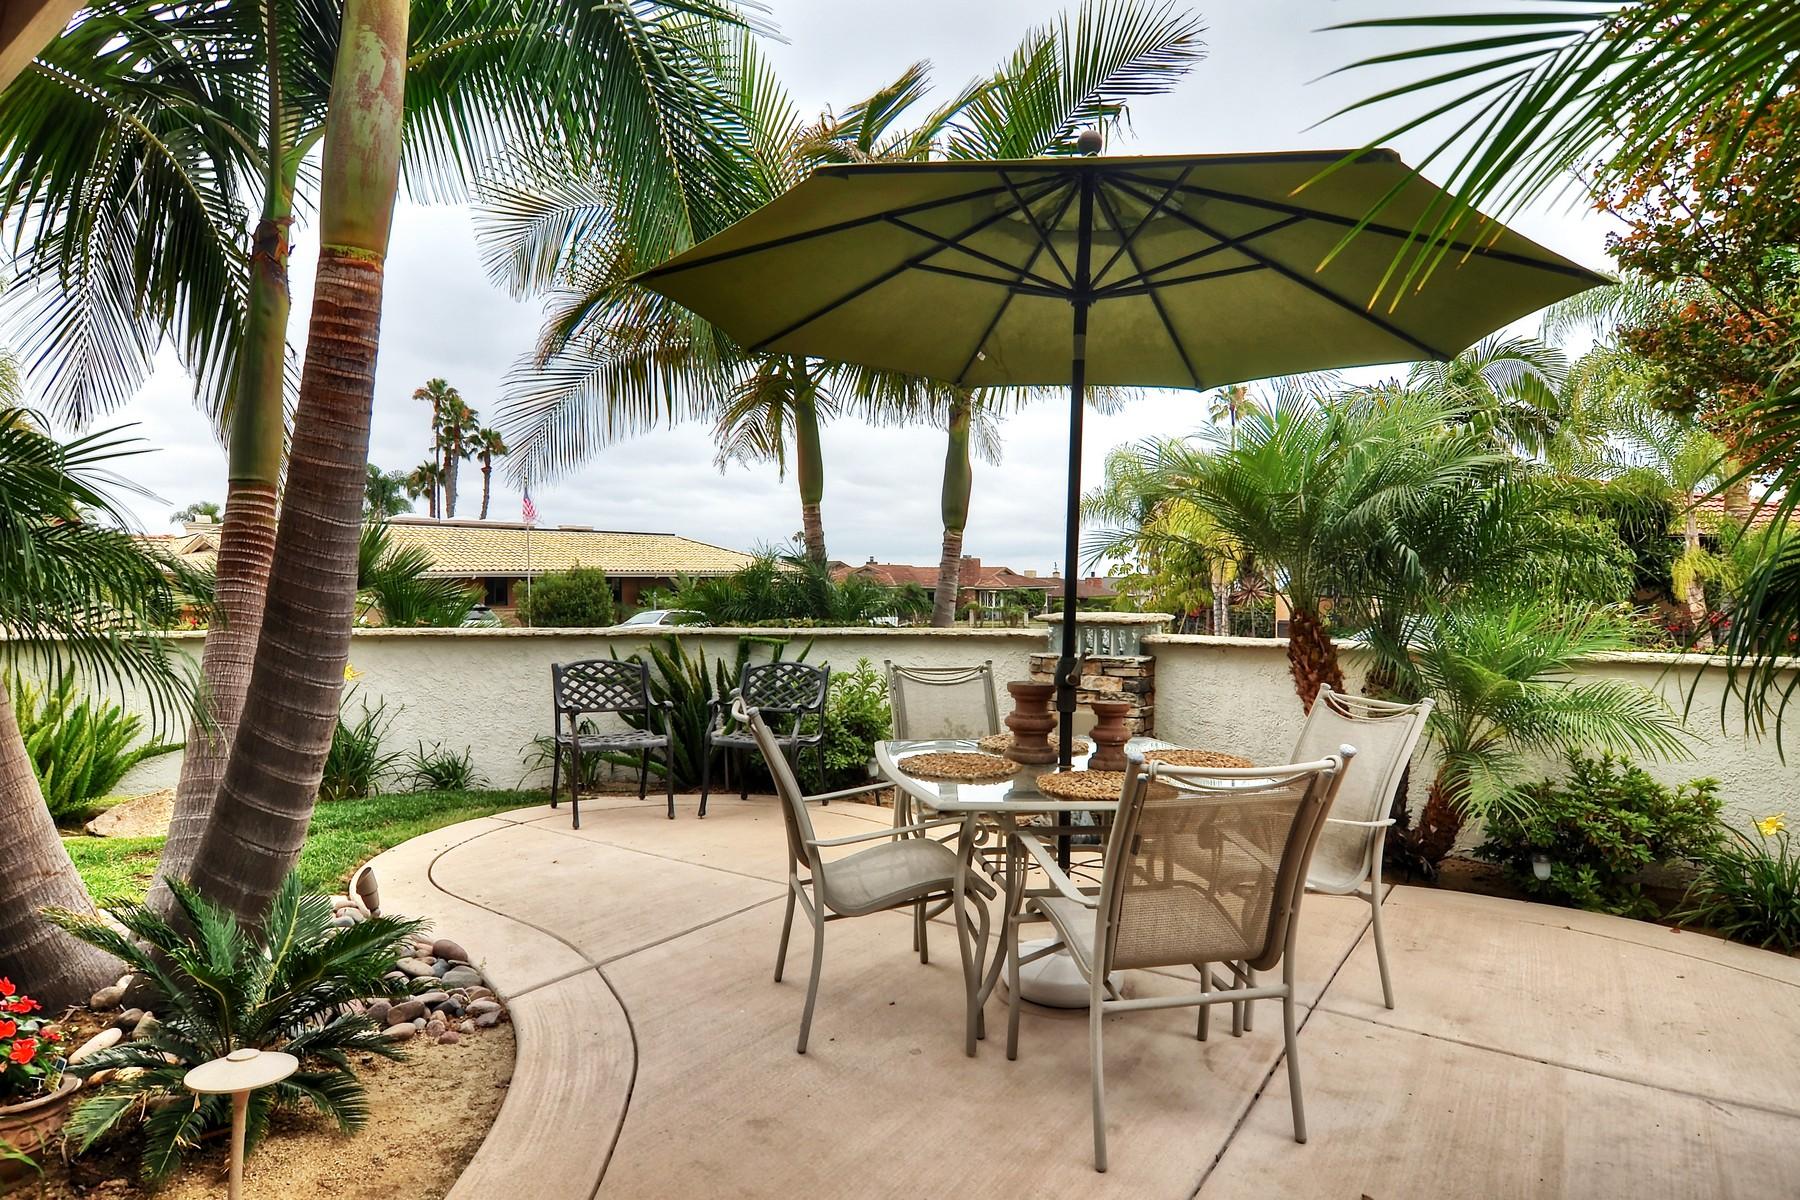 Single Family Home for Sale at 302 Avenida De La Riviera San Clemente, California 92672 United States